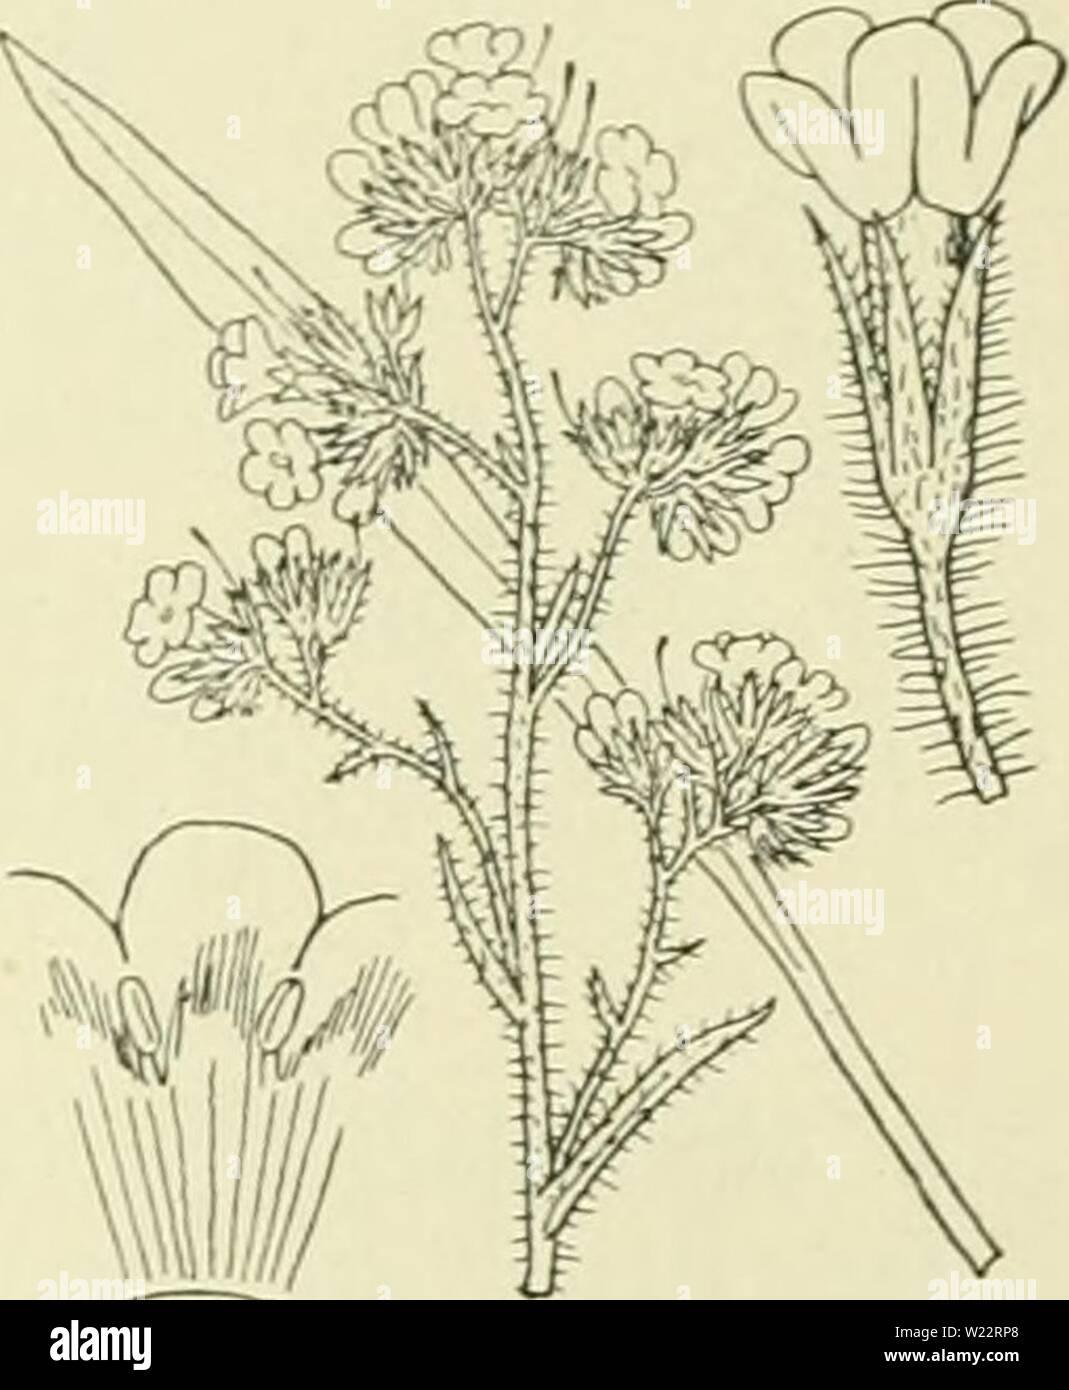 Archive image from page 108 of De flora van Nederland (1909-11). De flora van Nederland  defloravannederl03heuk Year: 1909-11.  FAMILIE 92. â BORAGINACEAE. â 89 bloemkroon de nog stuifmeel bevattende lielmknopjes langs den stempel, zoodat nu nog spontane zelfbestuiving kan plaatshebben. Volgens anderen staat de stempel ook wel eens onder de lielmknopjes of even hoog, zelfs is op sommige plaatsen heterostylie waargenomen. Ook zijn er vrouwelijke bloemen gevonden. Meestal krijgen echter de bloemen voldoende insectenbezoek, zoodat zelfbestuiving onnoodig is. Zelfs de zaadlobben zijn bij deze plan - Stock Image